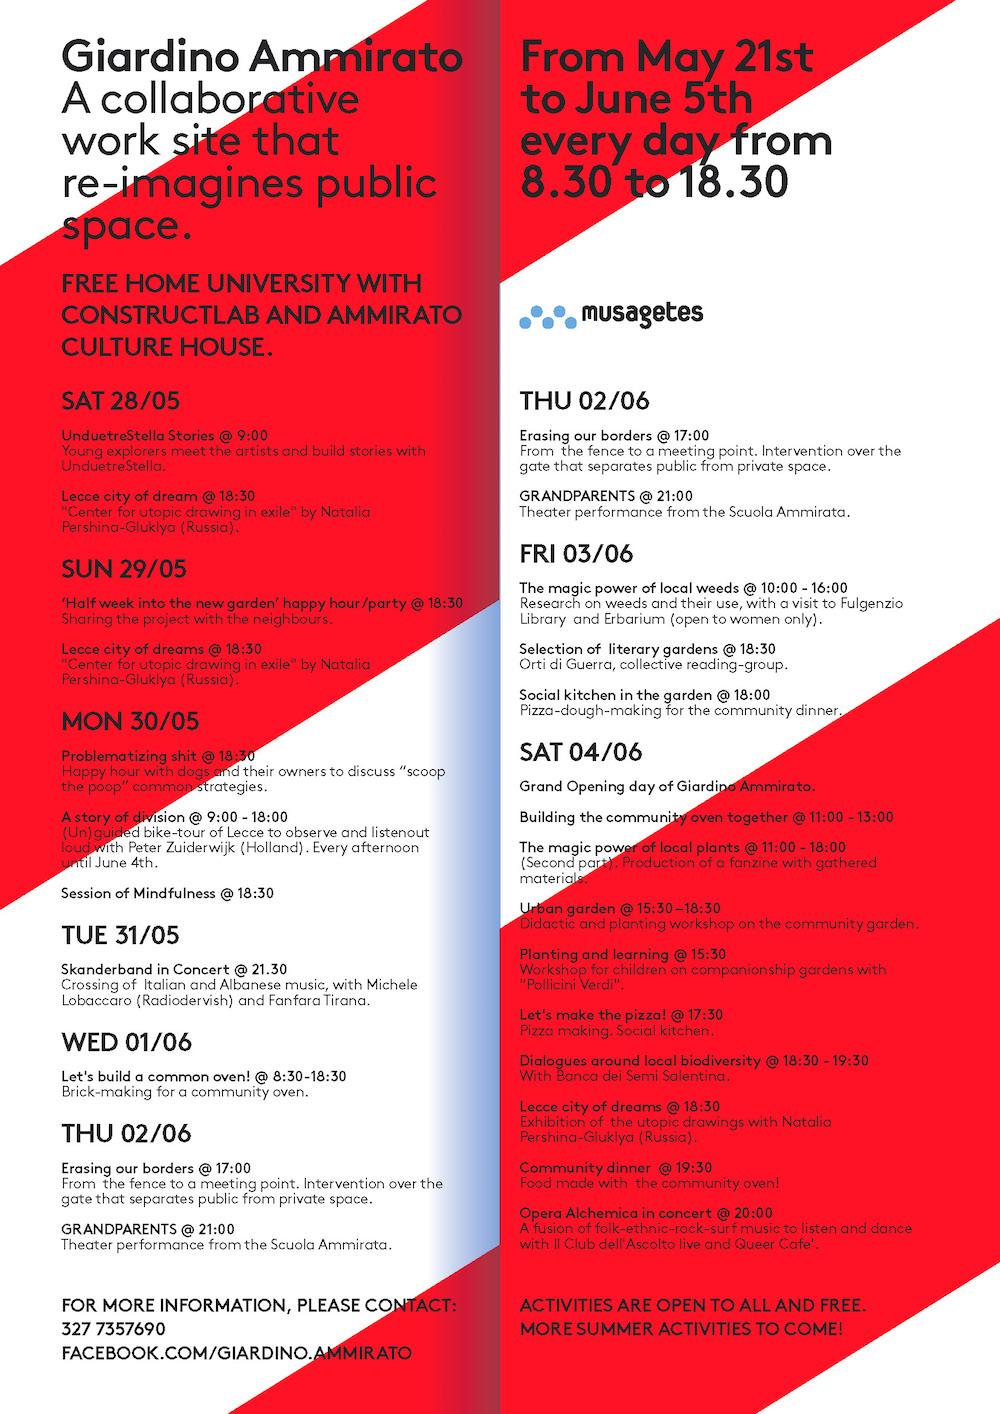 5 Giardino Ammirato Schedule May 28-June 6, 2016